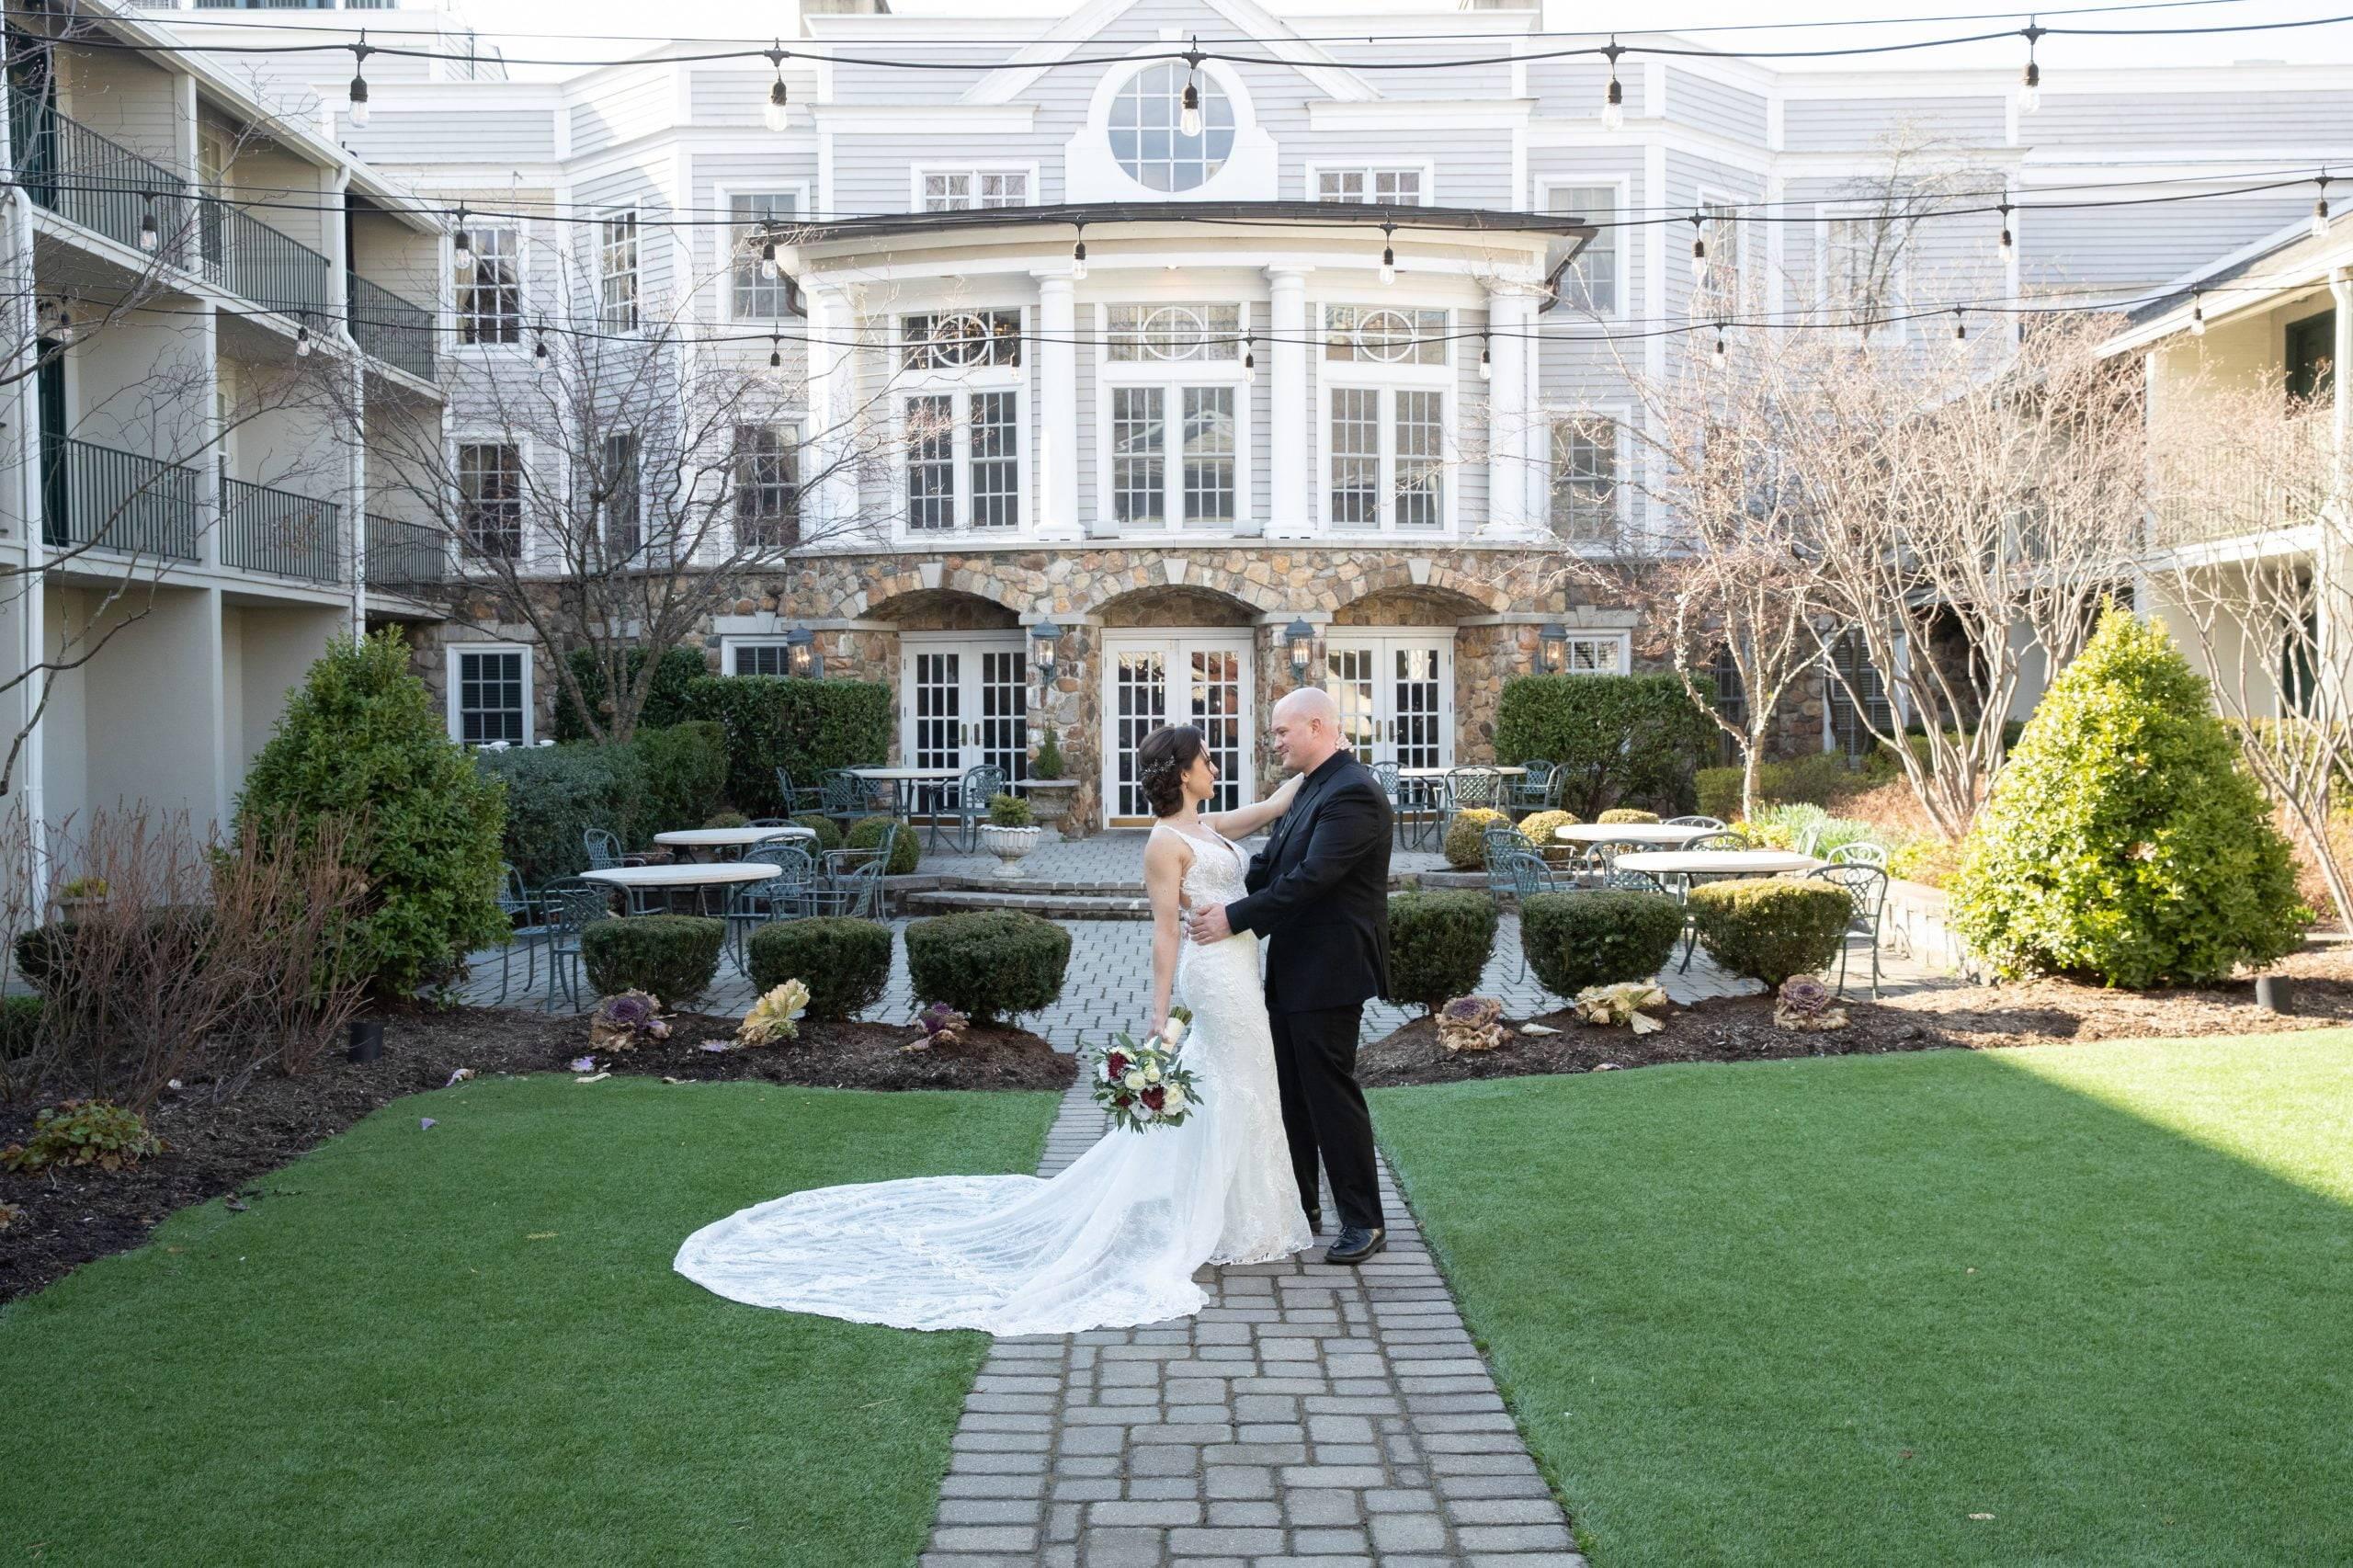 Olde Mill Inn bride and groom in courtyard